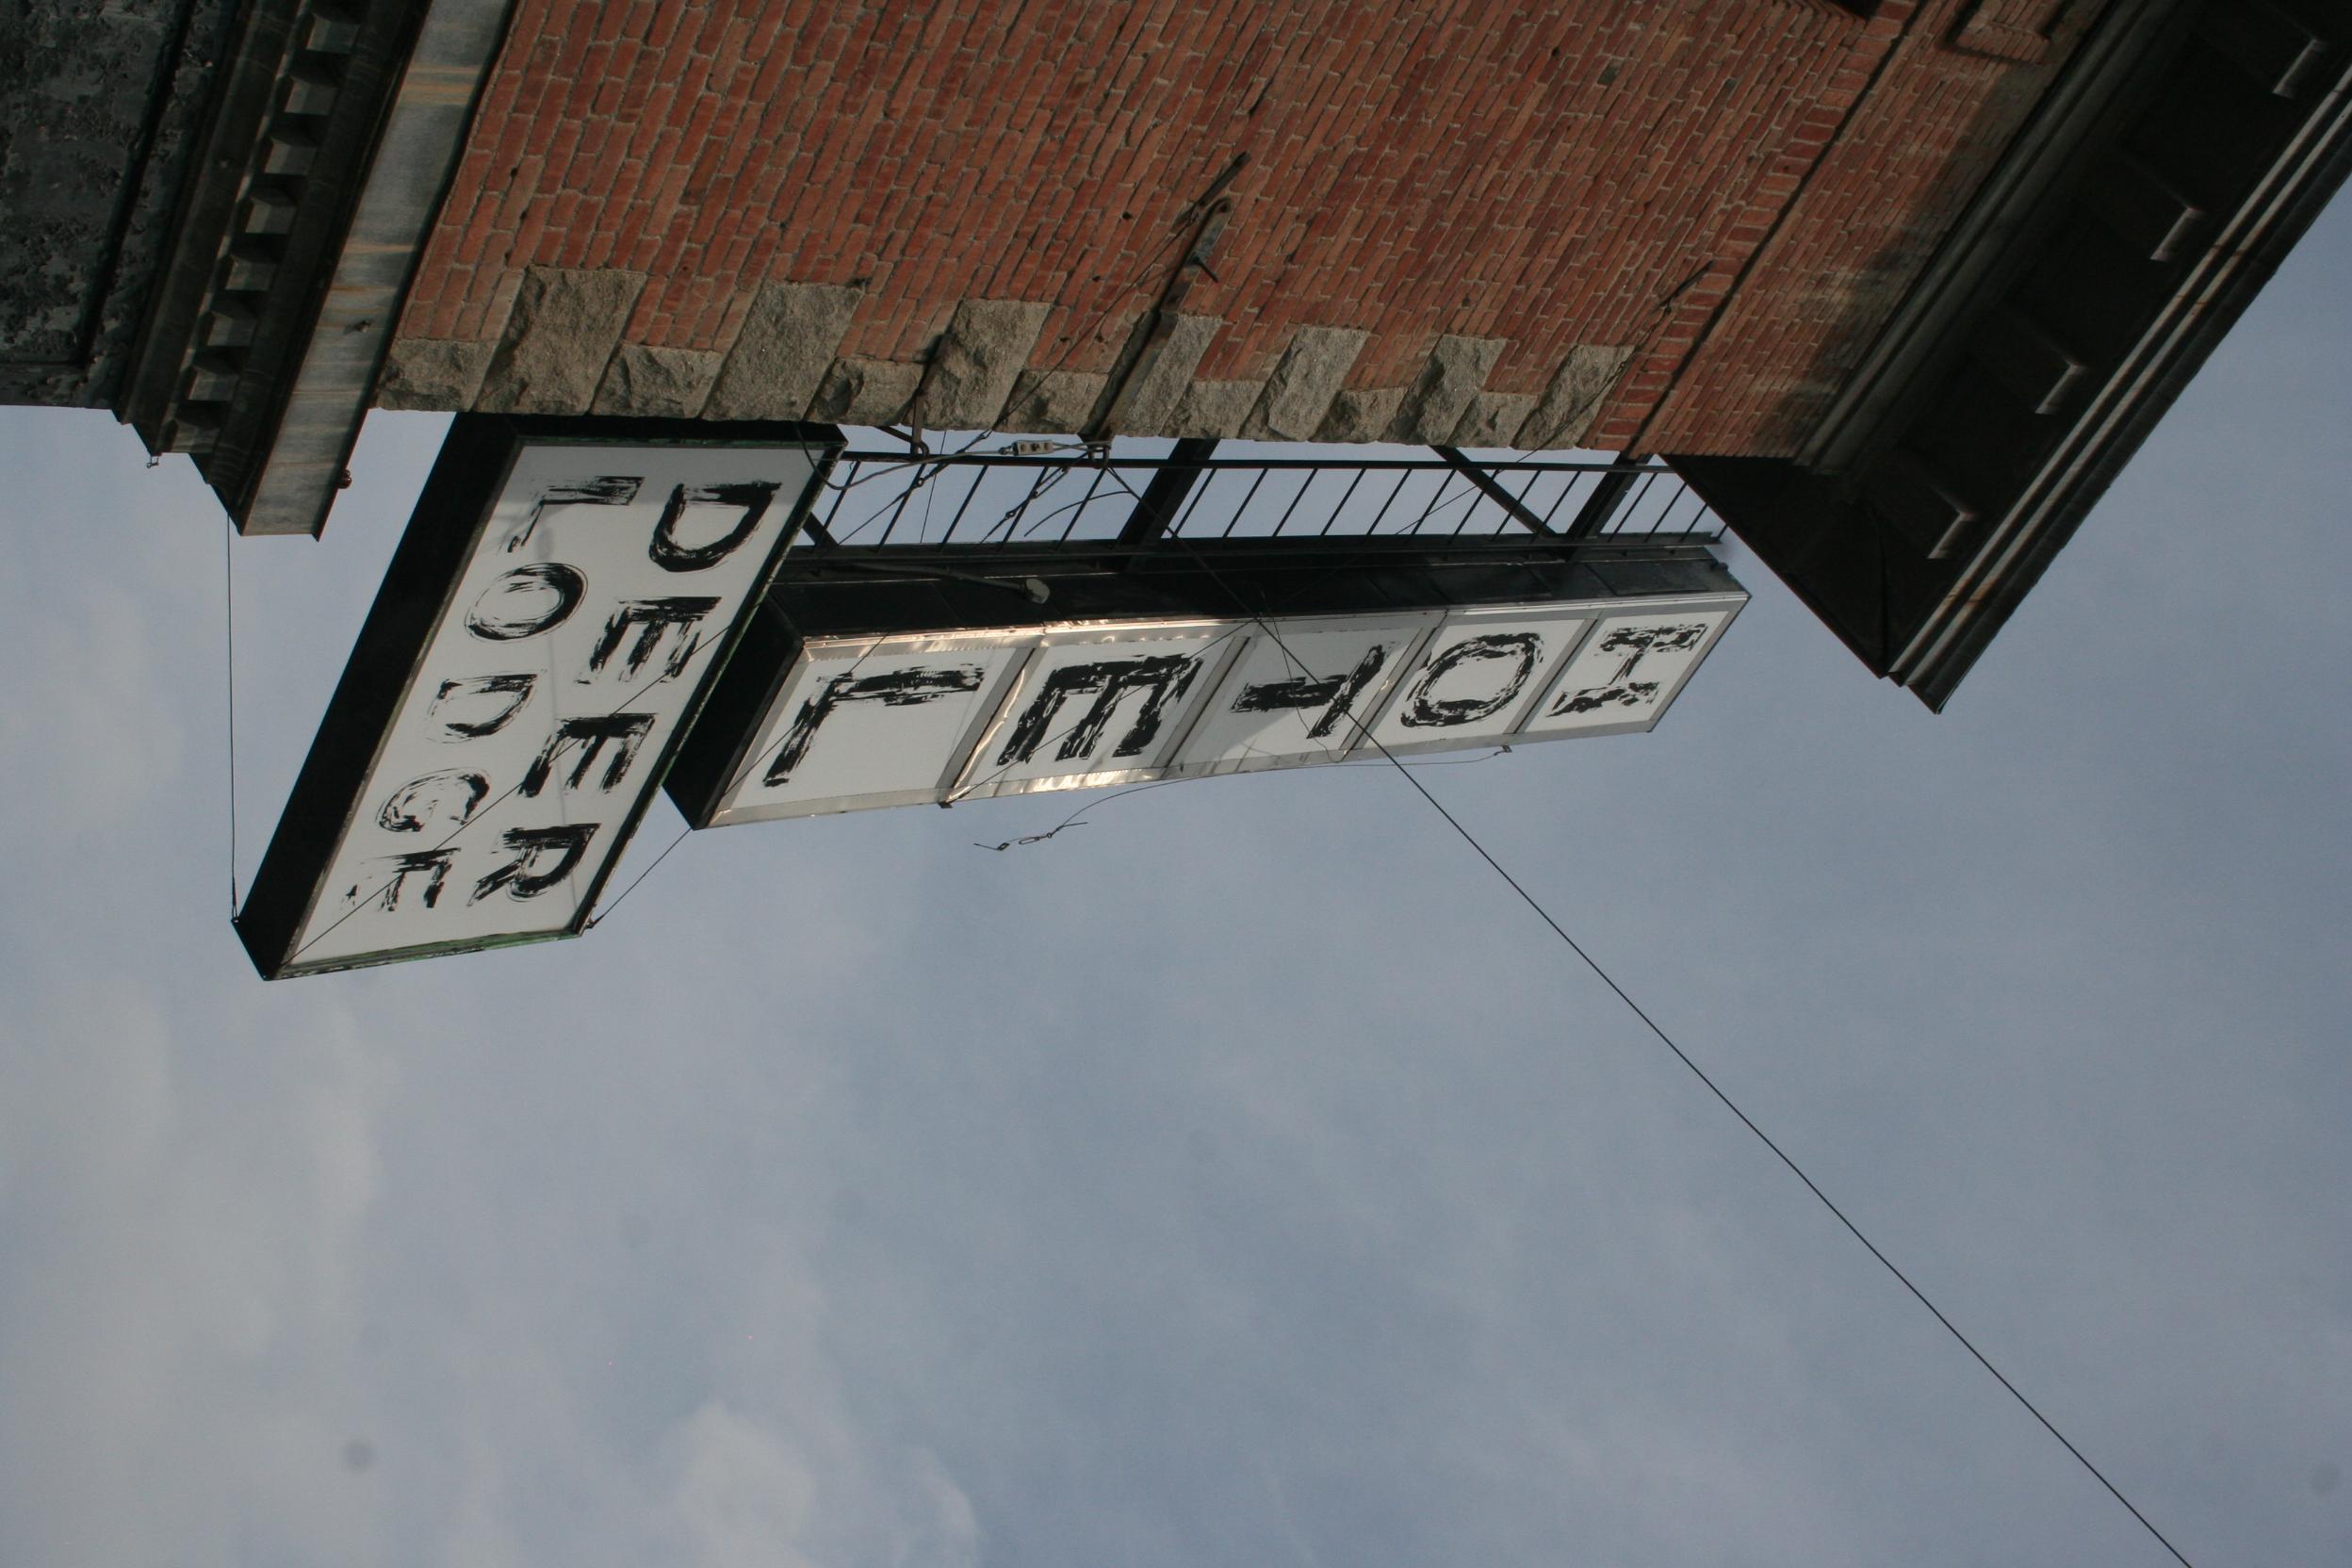 Hotel Deer Lodge Historic Sign